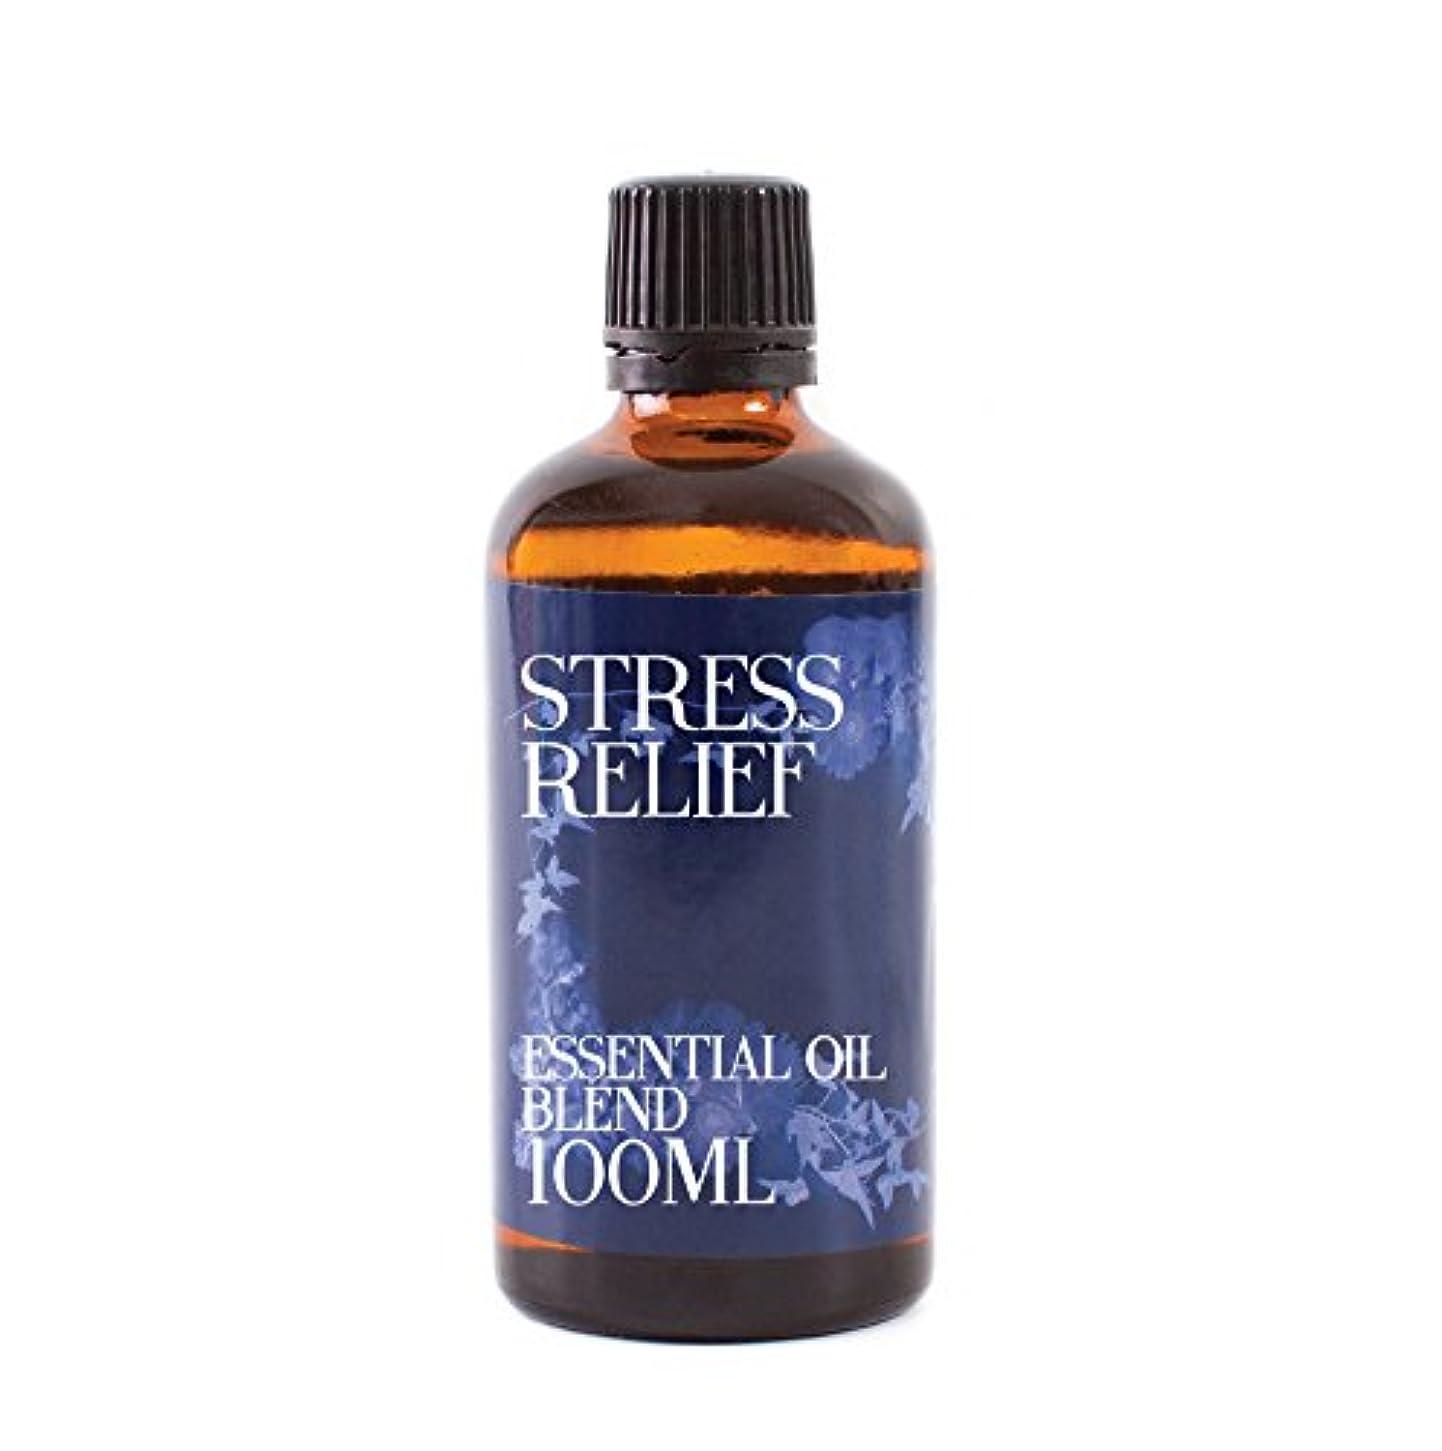 イソギンチャクヒュームまつげMystix London | Stress Relief Essential Oil Blend - 100ml - 100% Pure